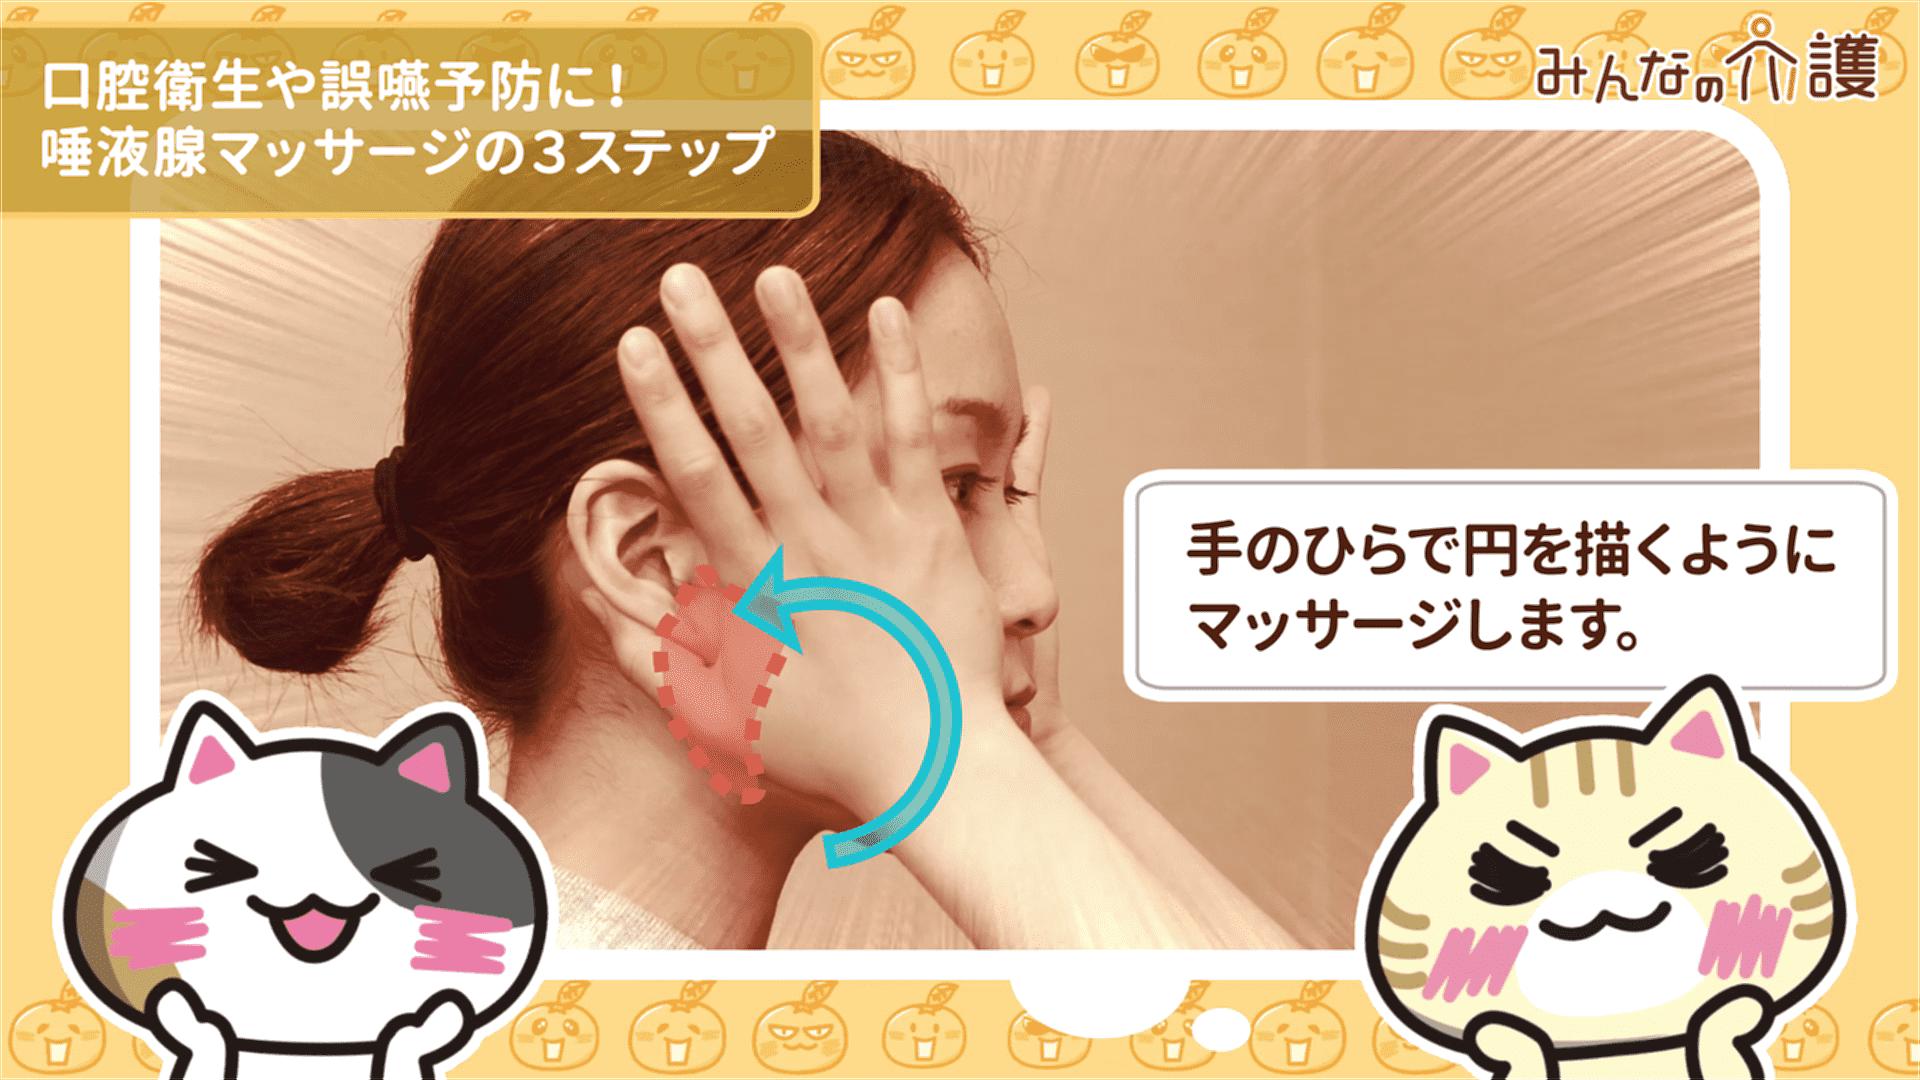 耳下腺マッサージの様子